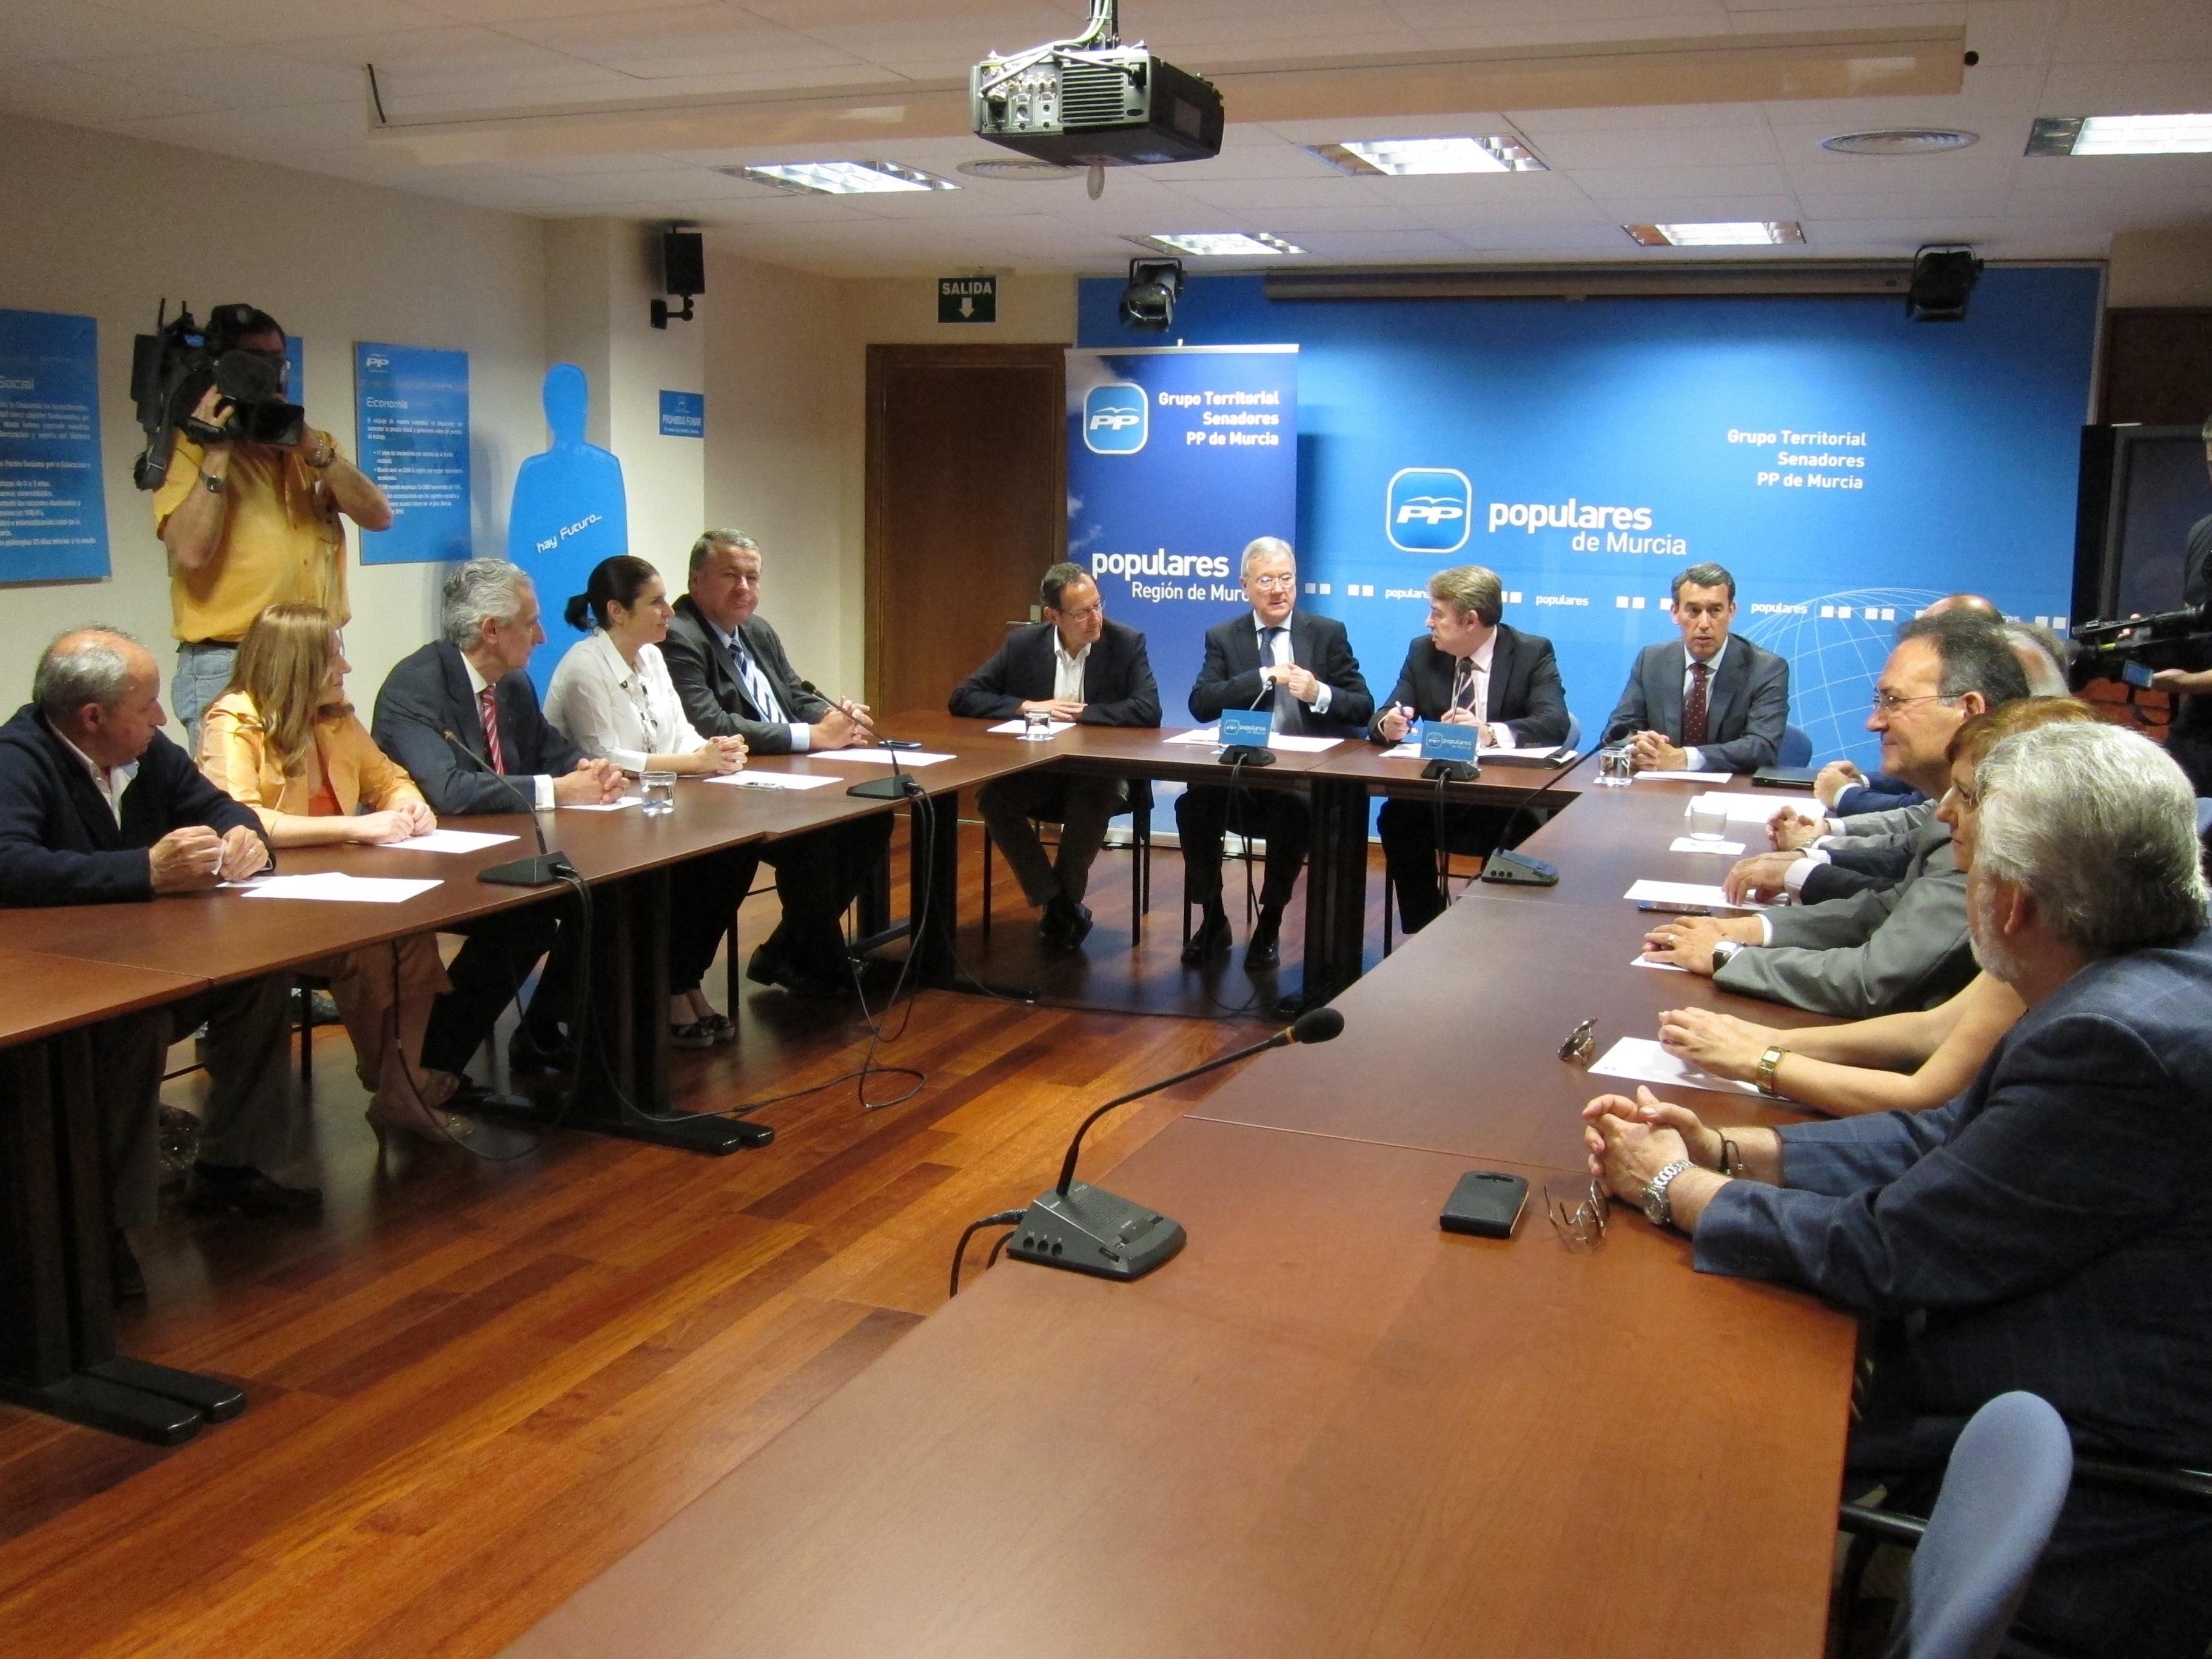 Los senadores del PP por la Región constituyen grupo territorial para trasladar propuestas de Murcia a la cámara alta